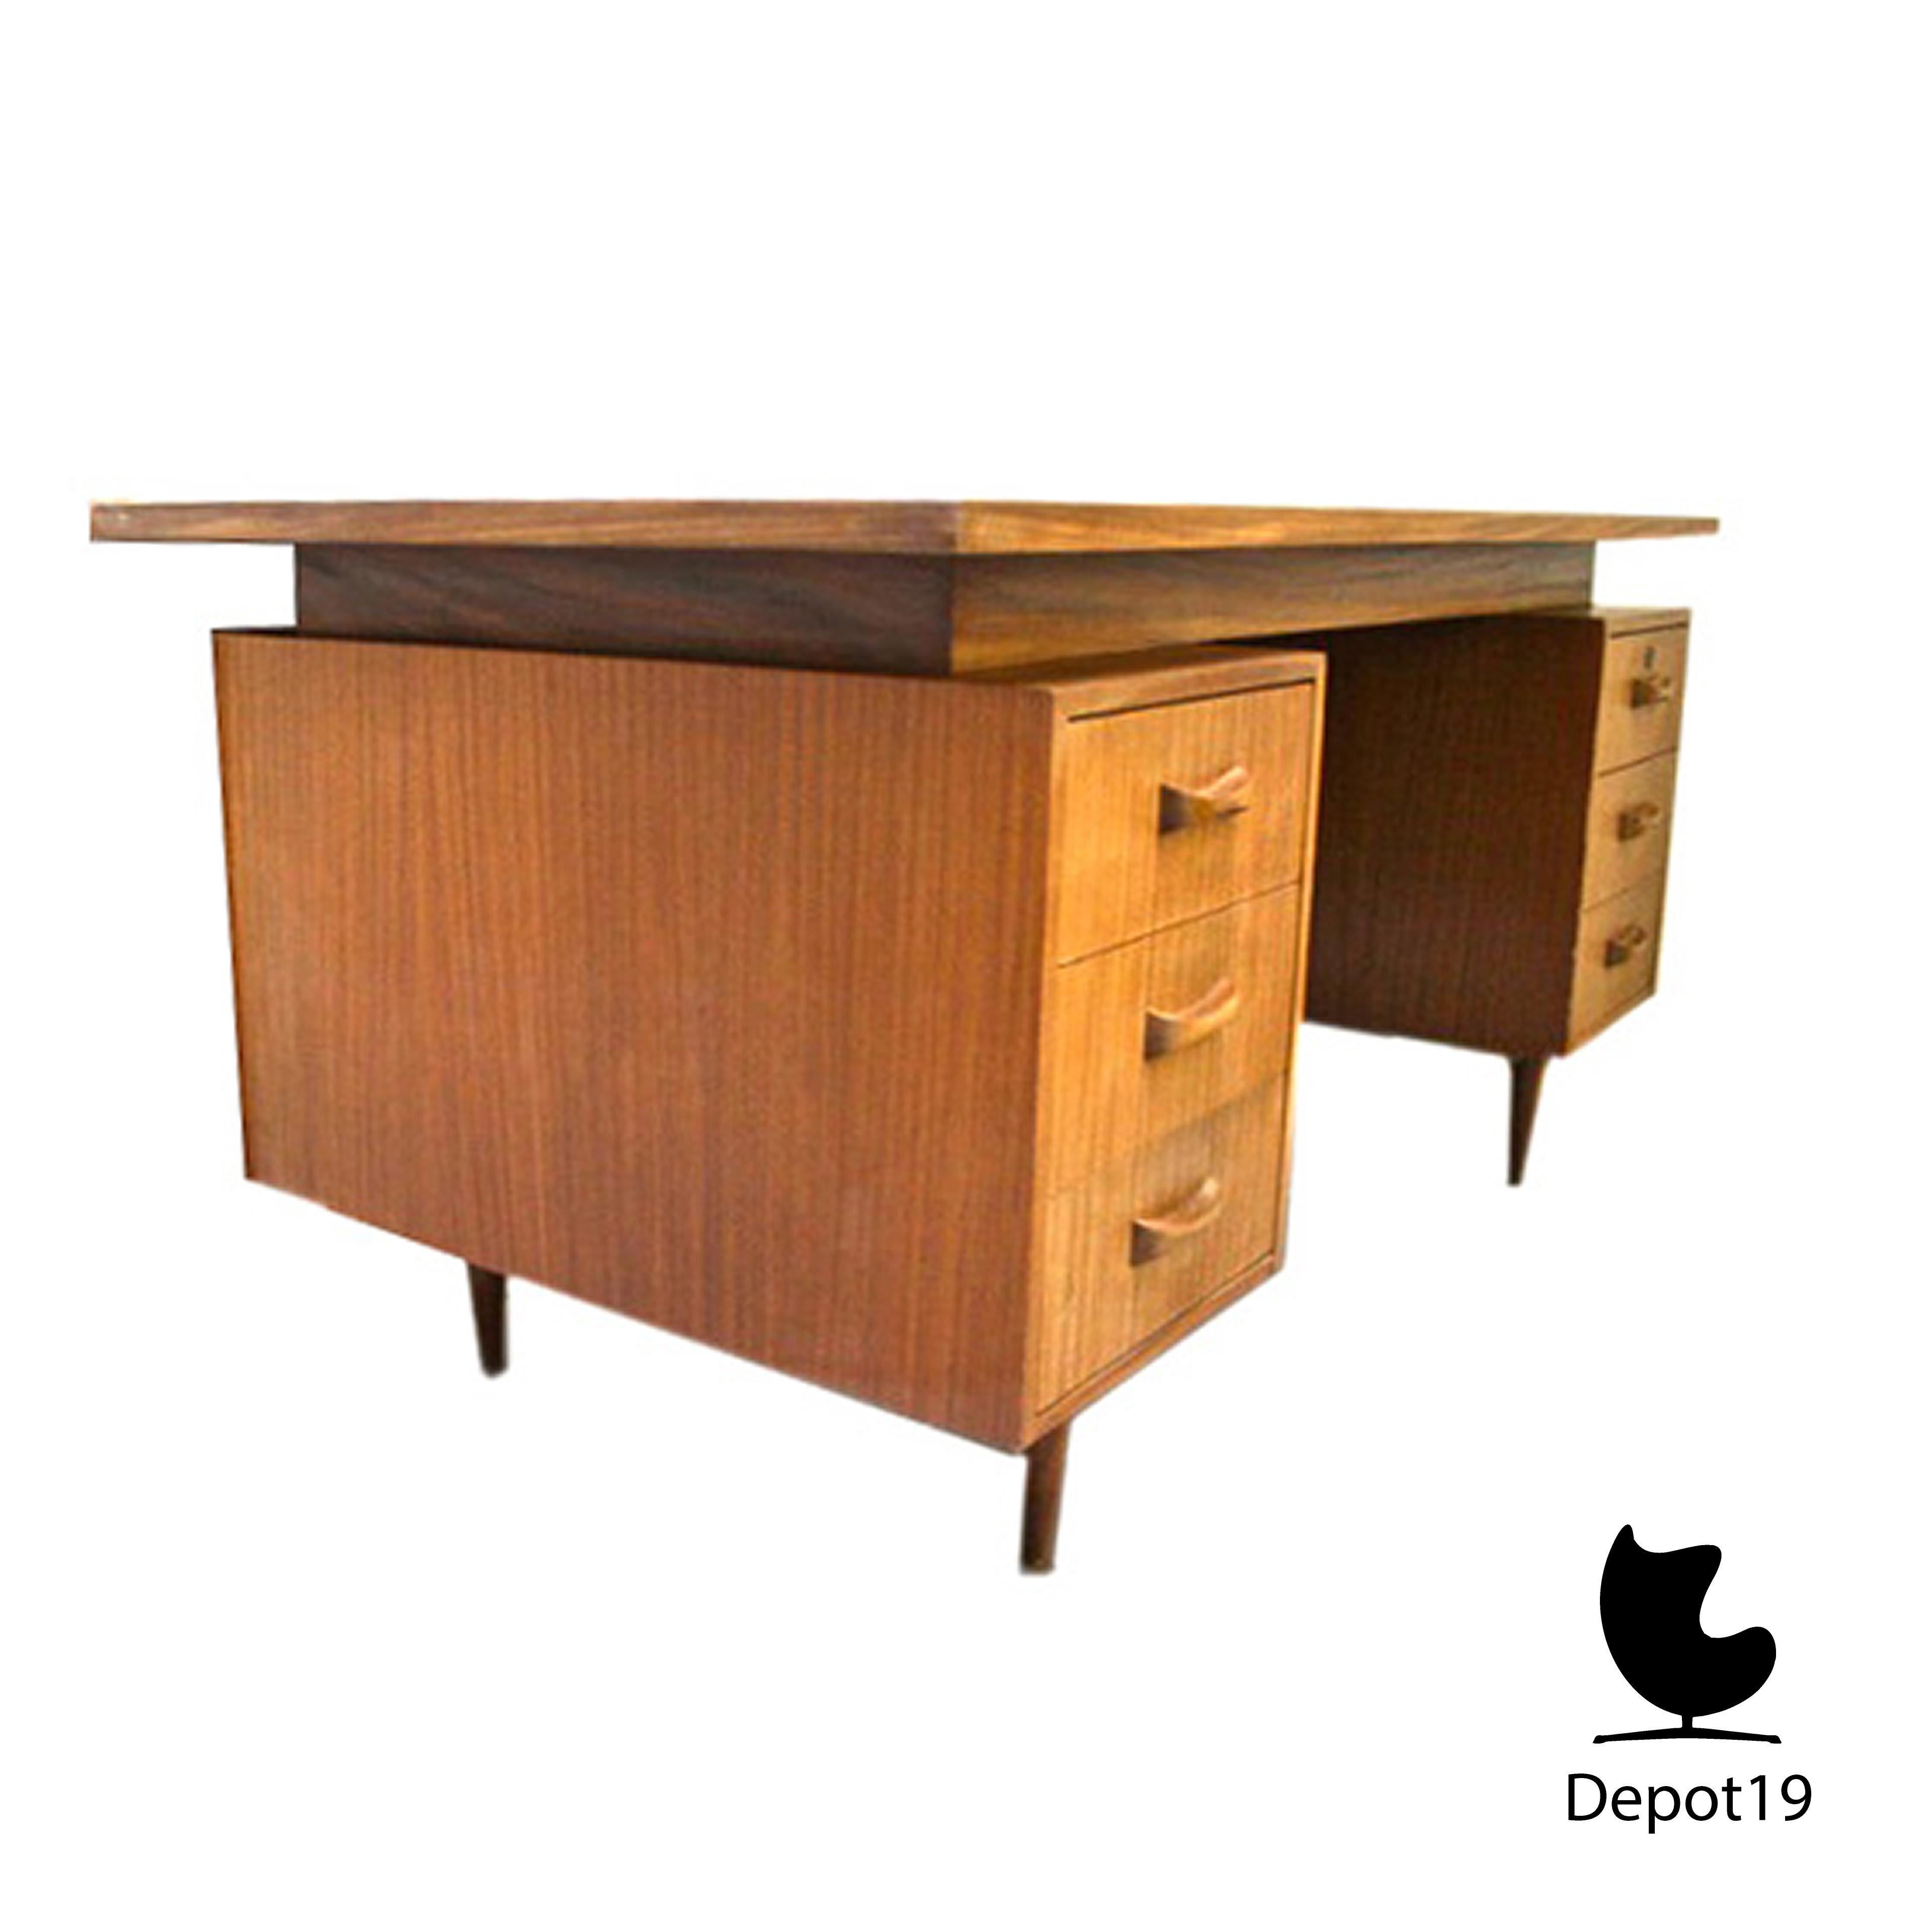 Bureau Scandinavisch Design.Clausen And Son Deens Design Bureau 1950s Depot 19